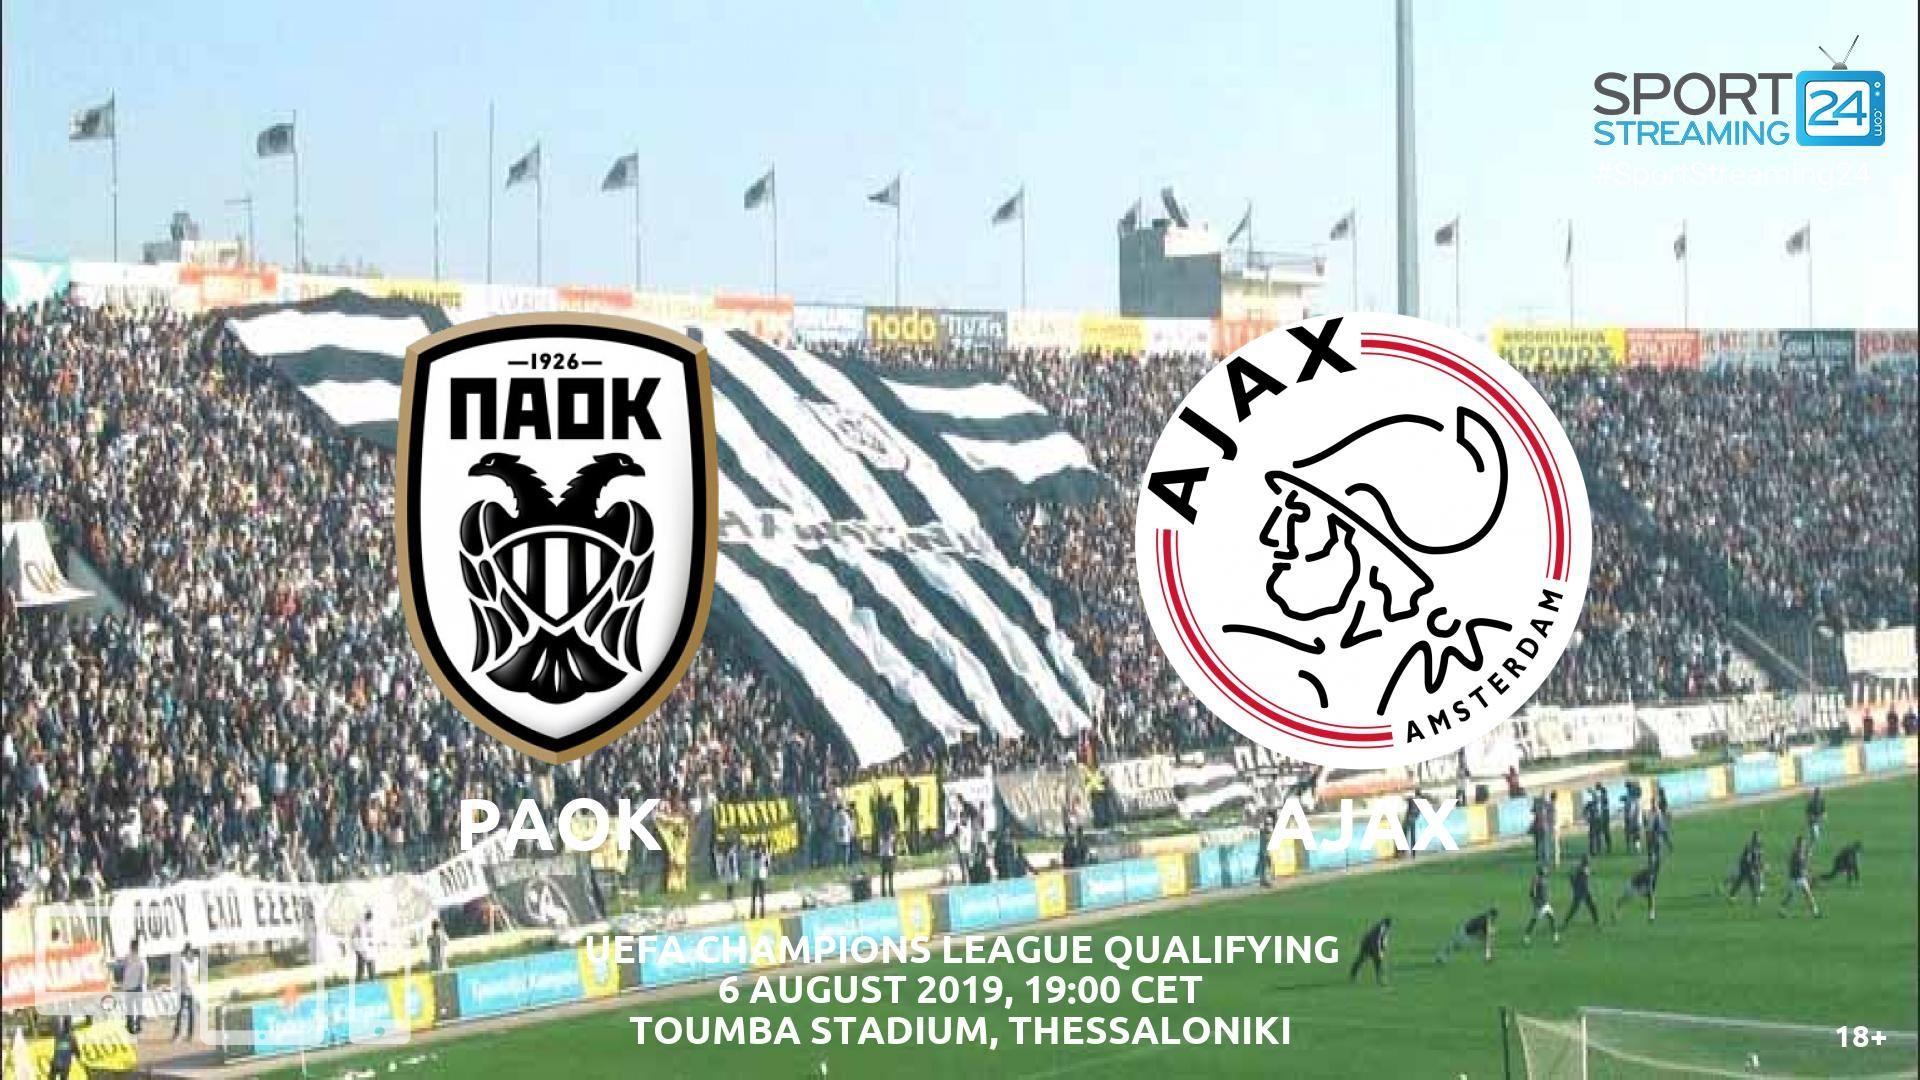 Paok Salonika V Ajax Live Streaming Football Streaming Live Football Streaming Leganes